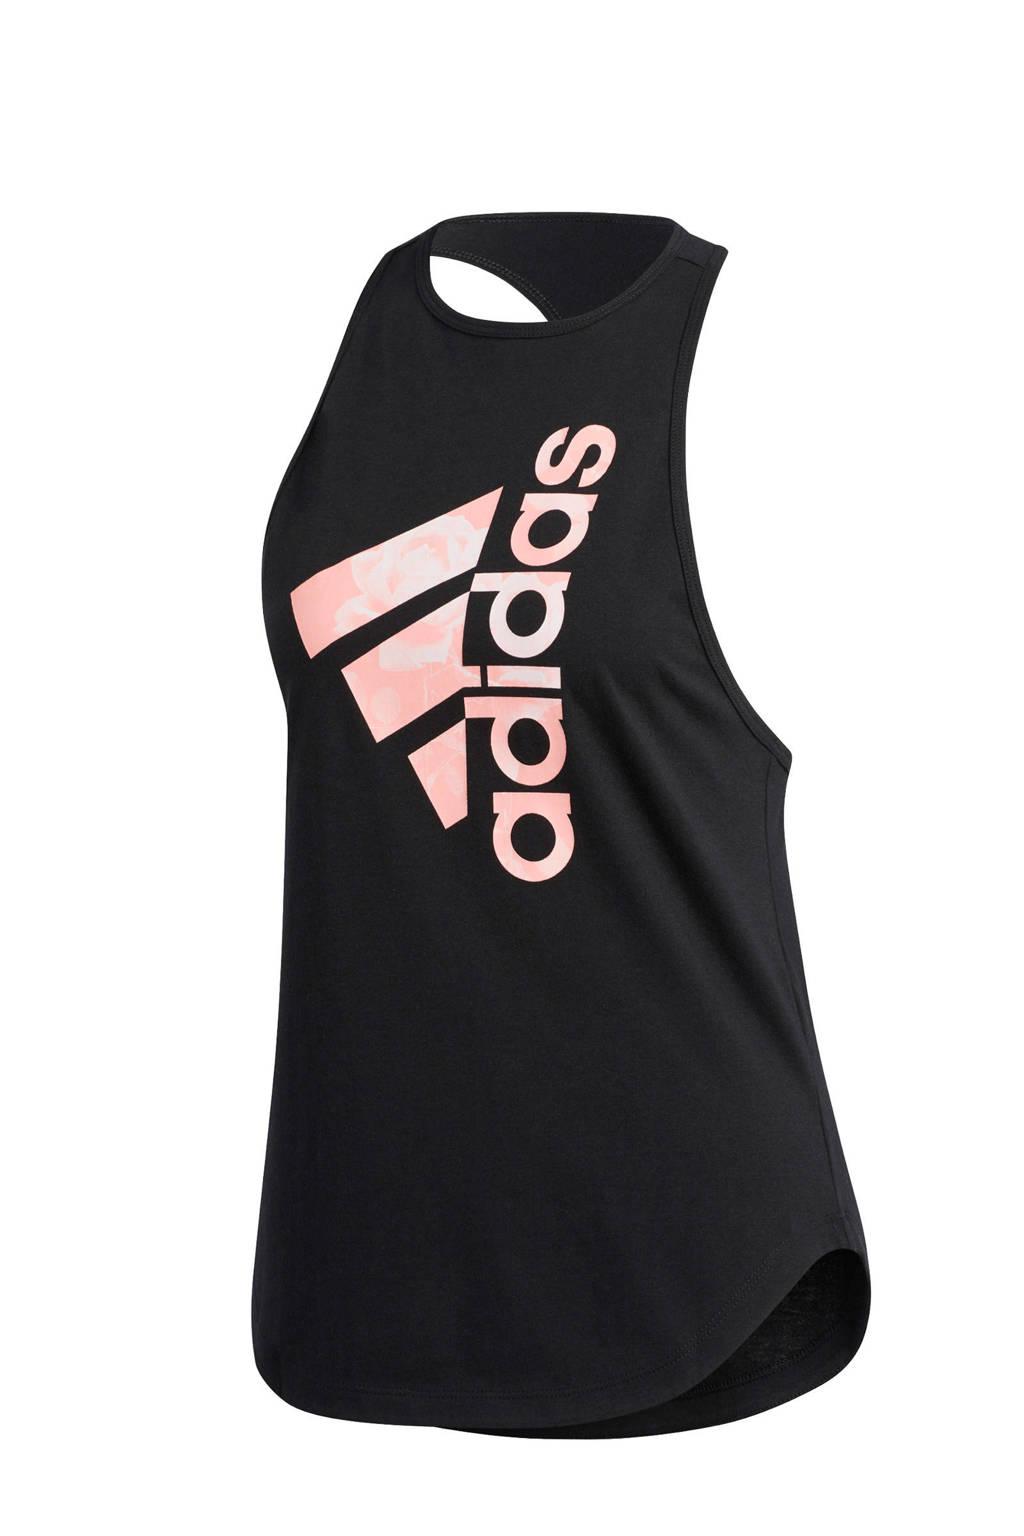 adidas Performance sporttop zwart/lichtroze, Zwart/lichtroze